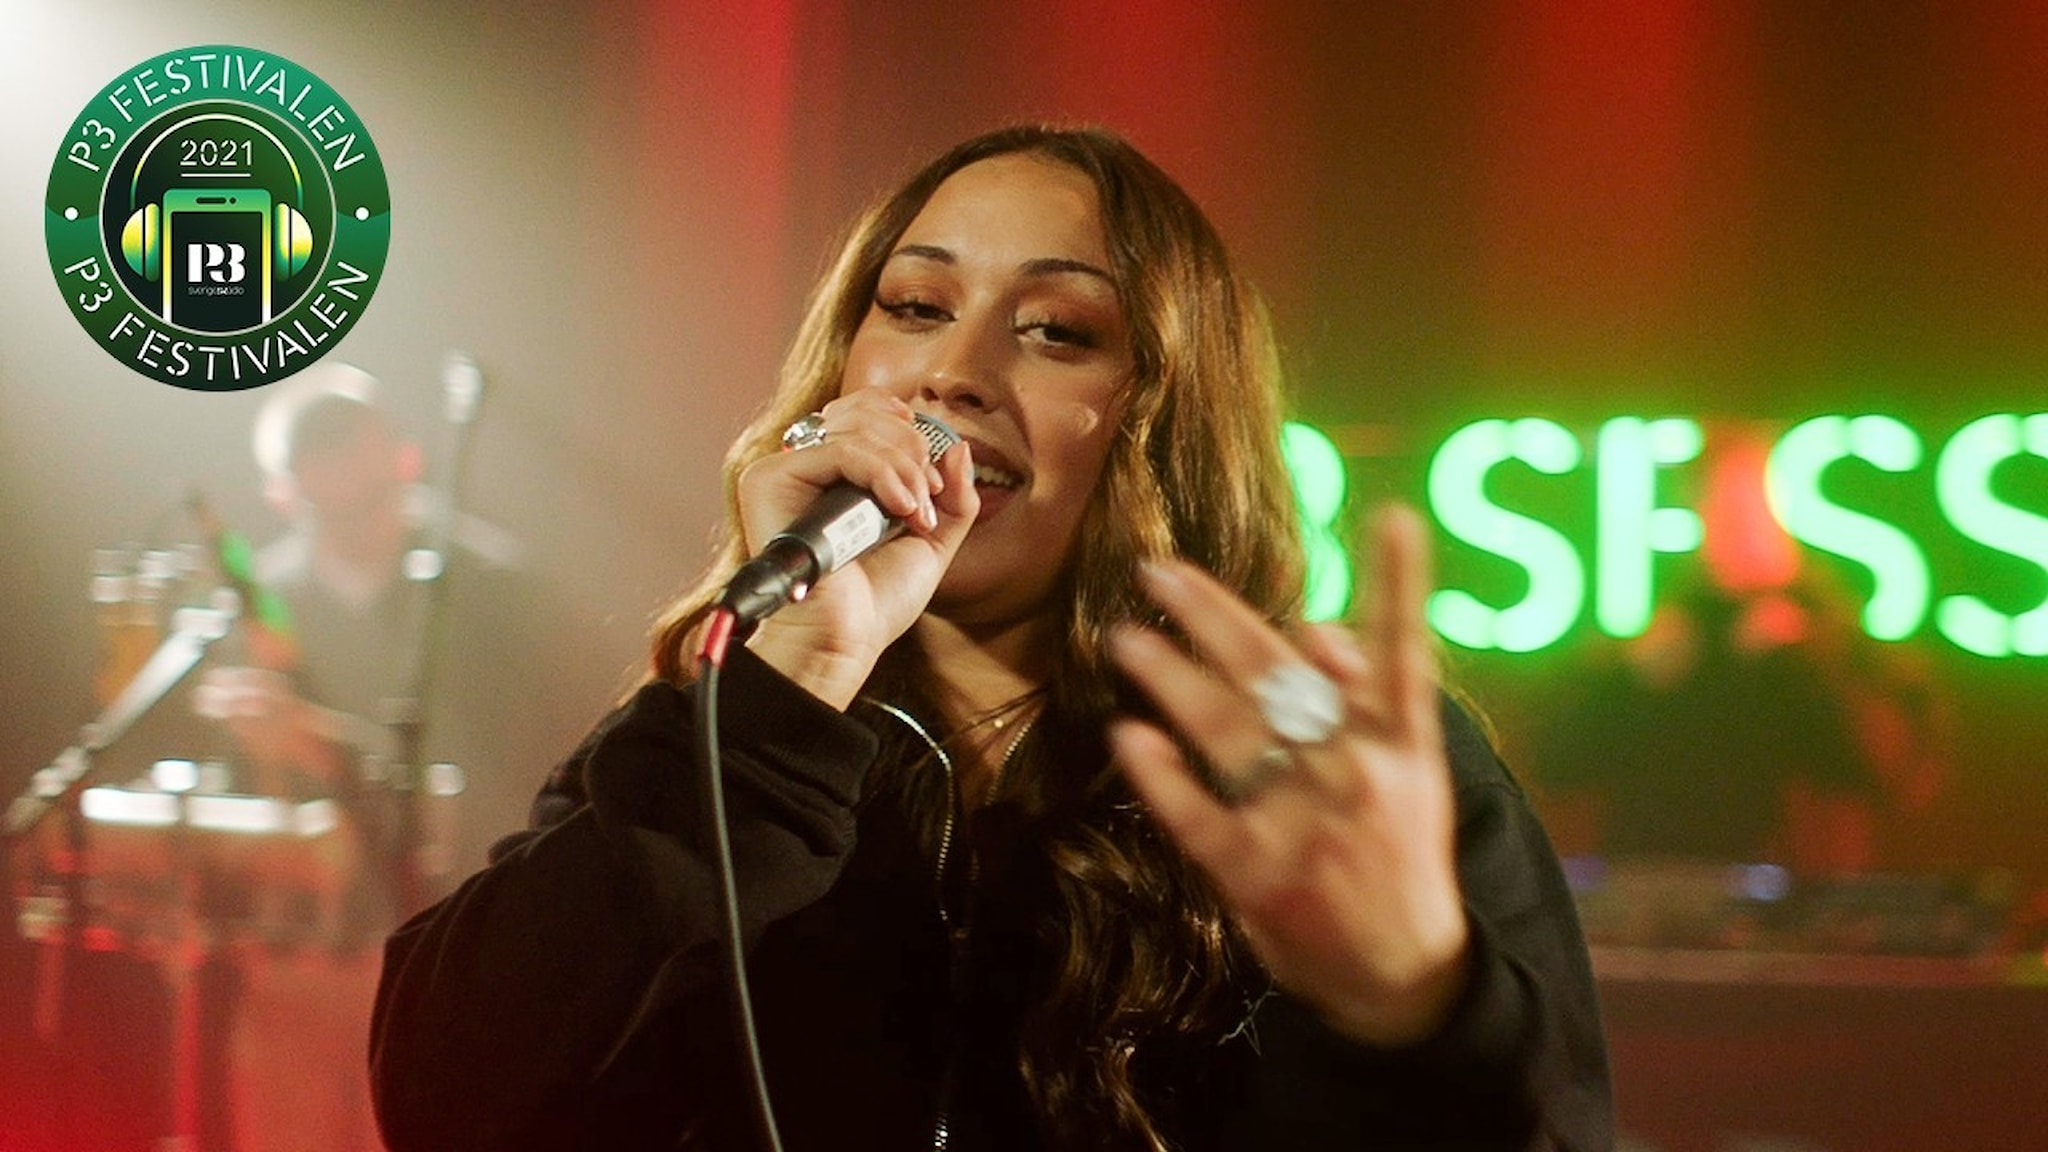 Mona Masrour sjunger och tittar in i kameran på P3 Session-scenen.